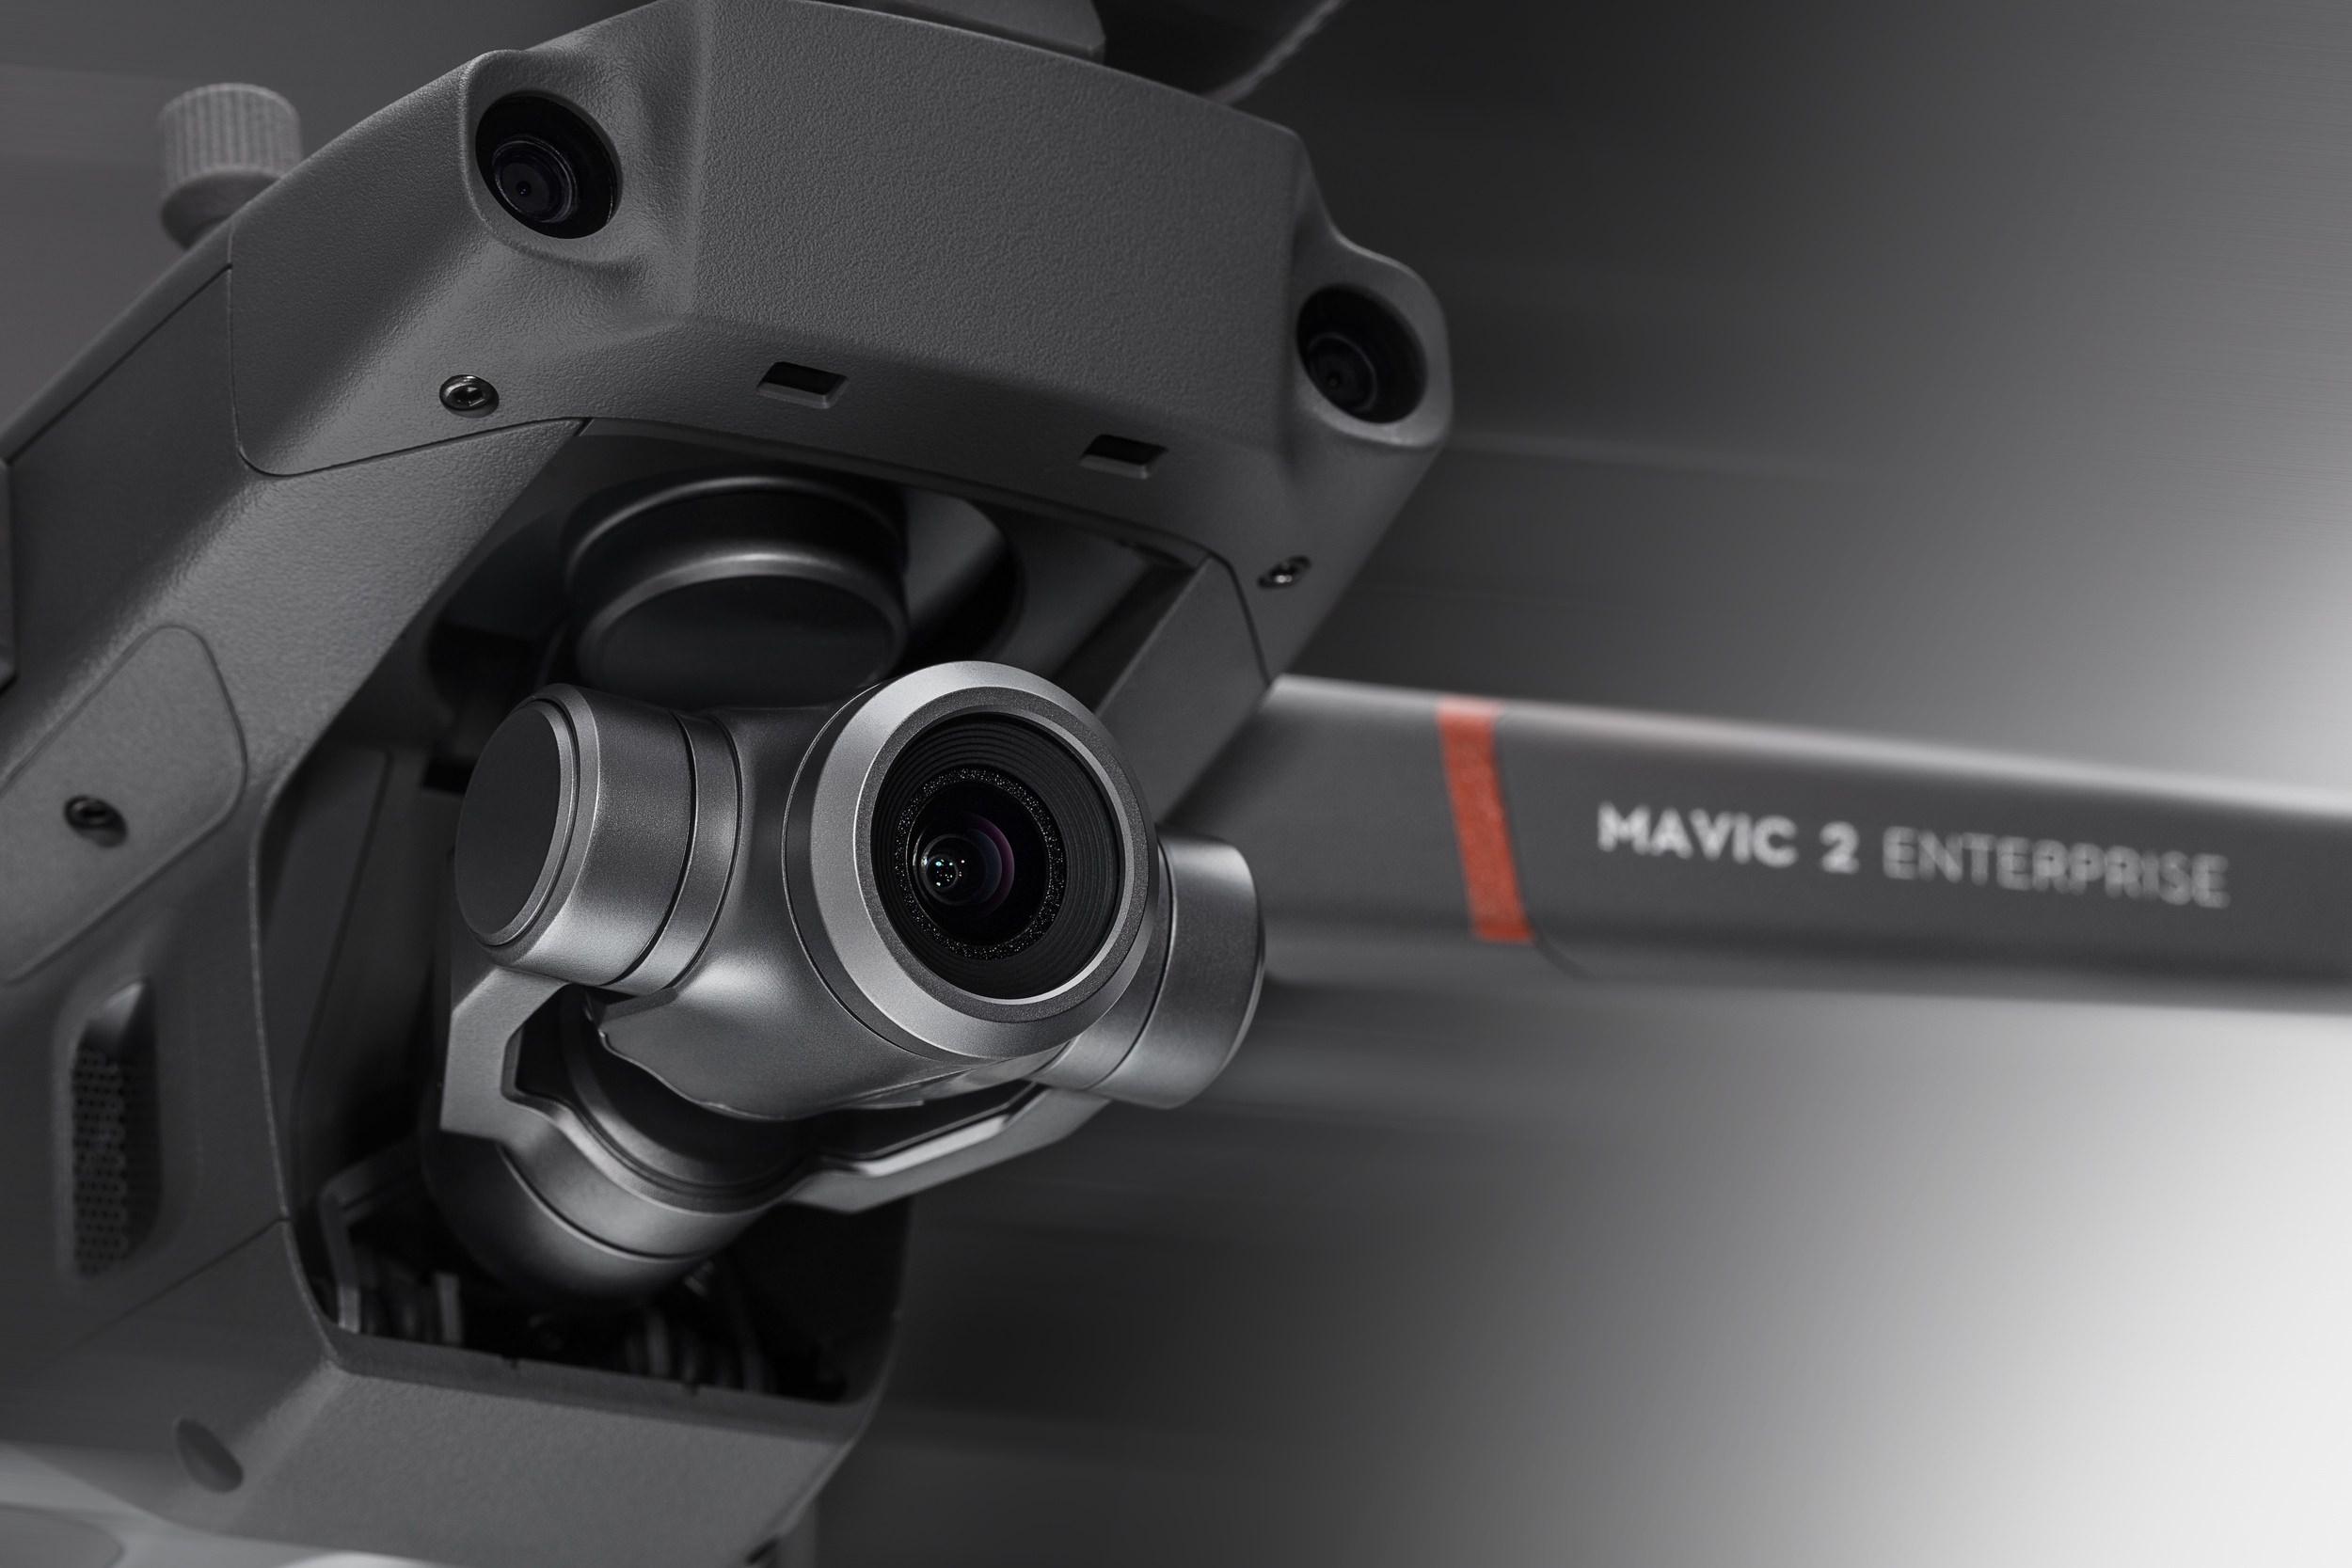 DJI Mavic 2 Enterprise announced by DJI to kick off AirWorks